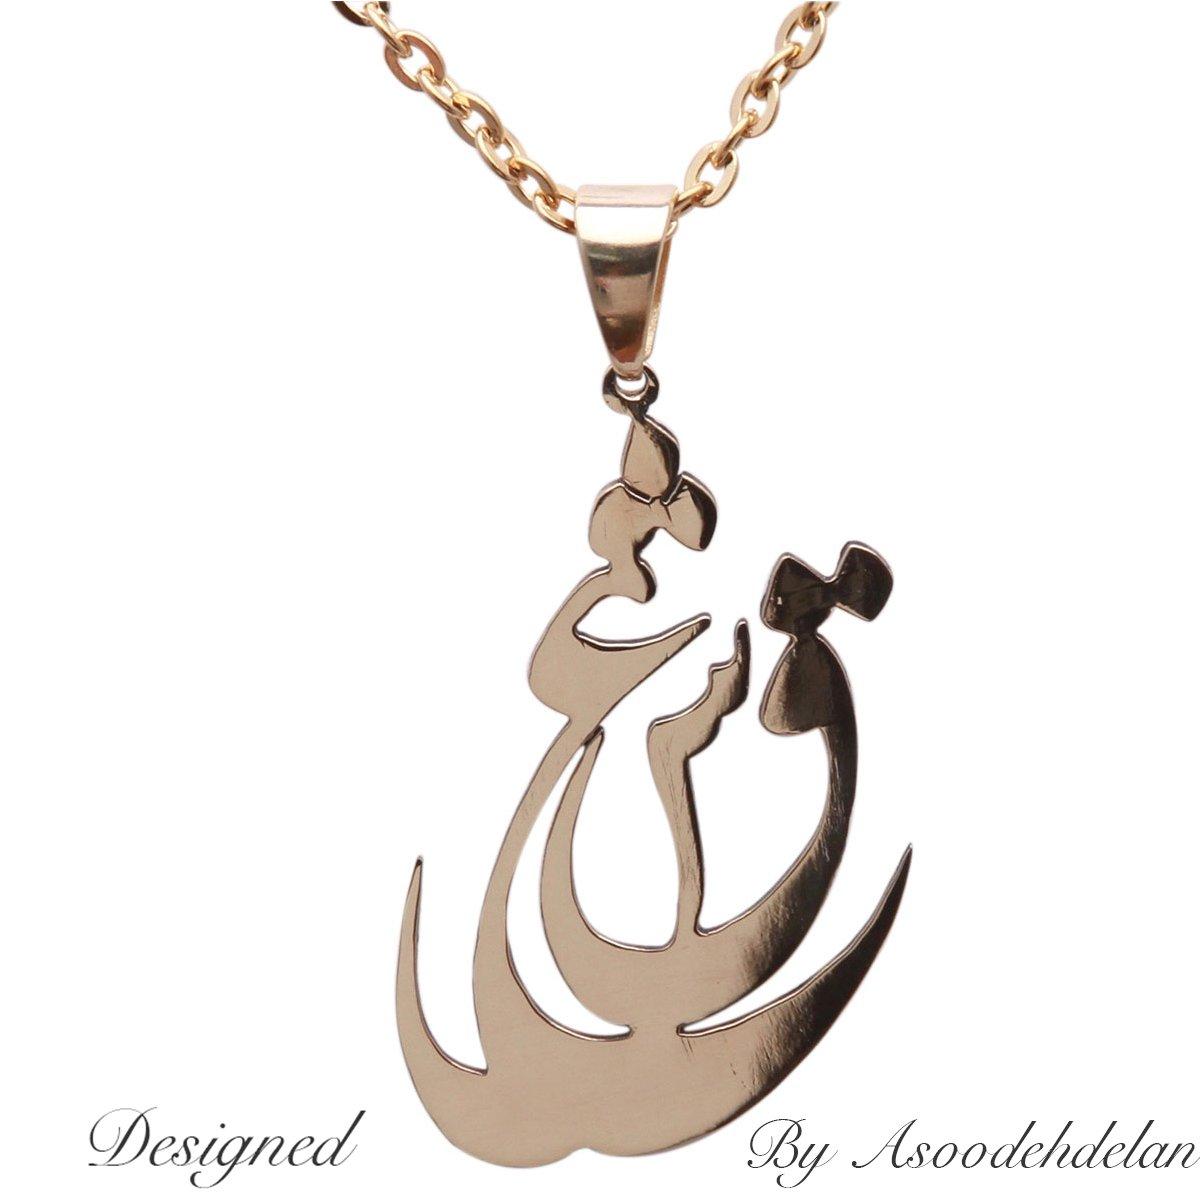 Iranian Persian Fasi Eshgh Necklace Iran Persia Love Chain Pahlavi Farvahar (Pure 18k Gold)